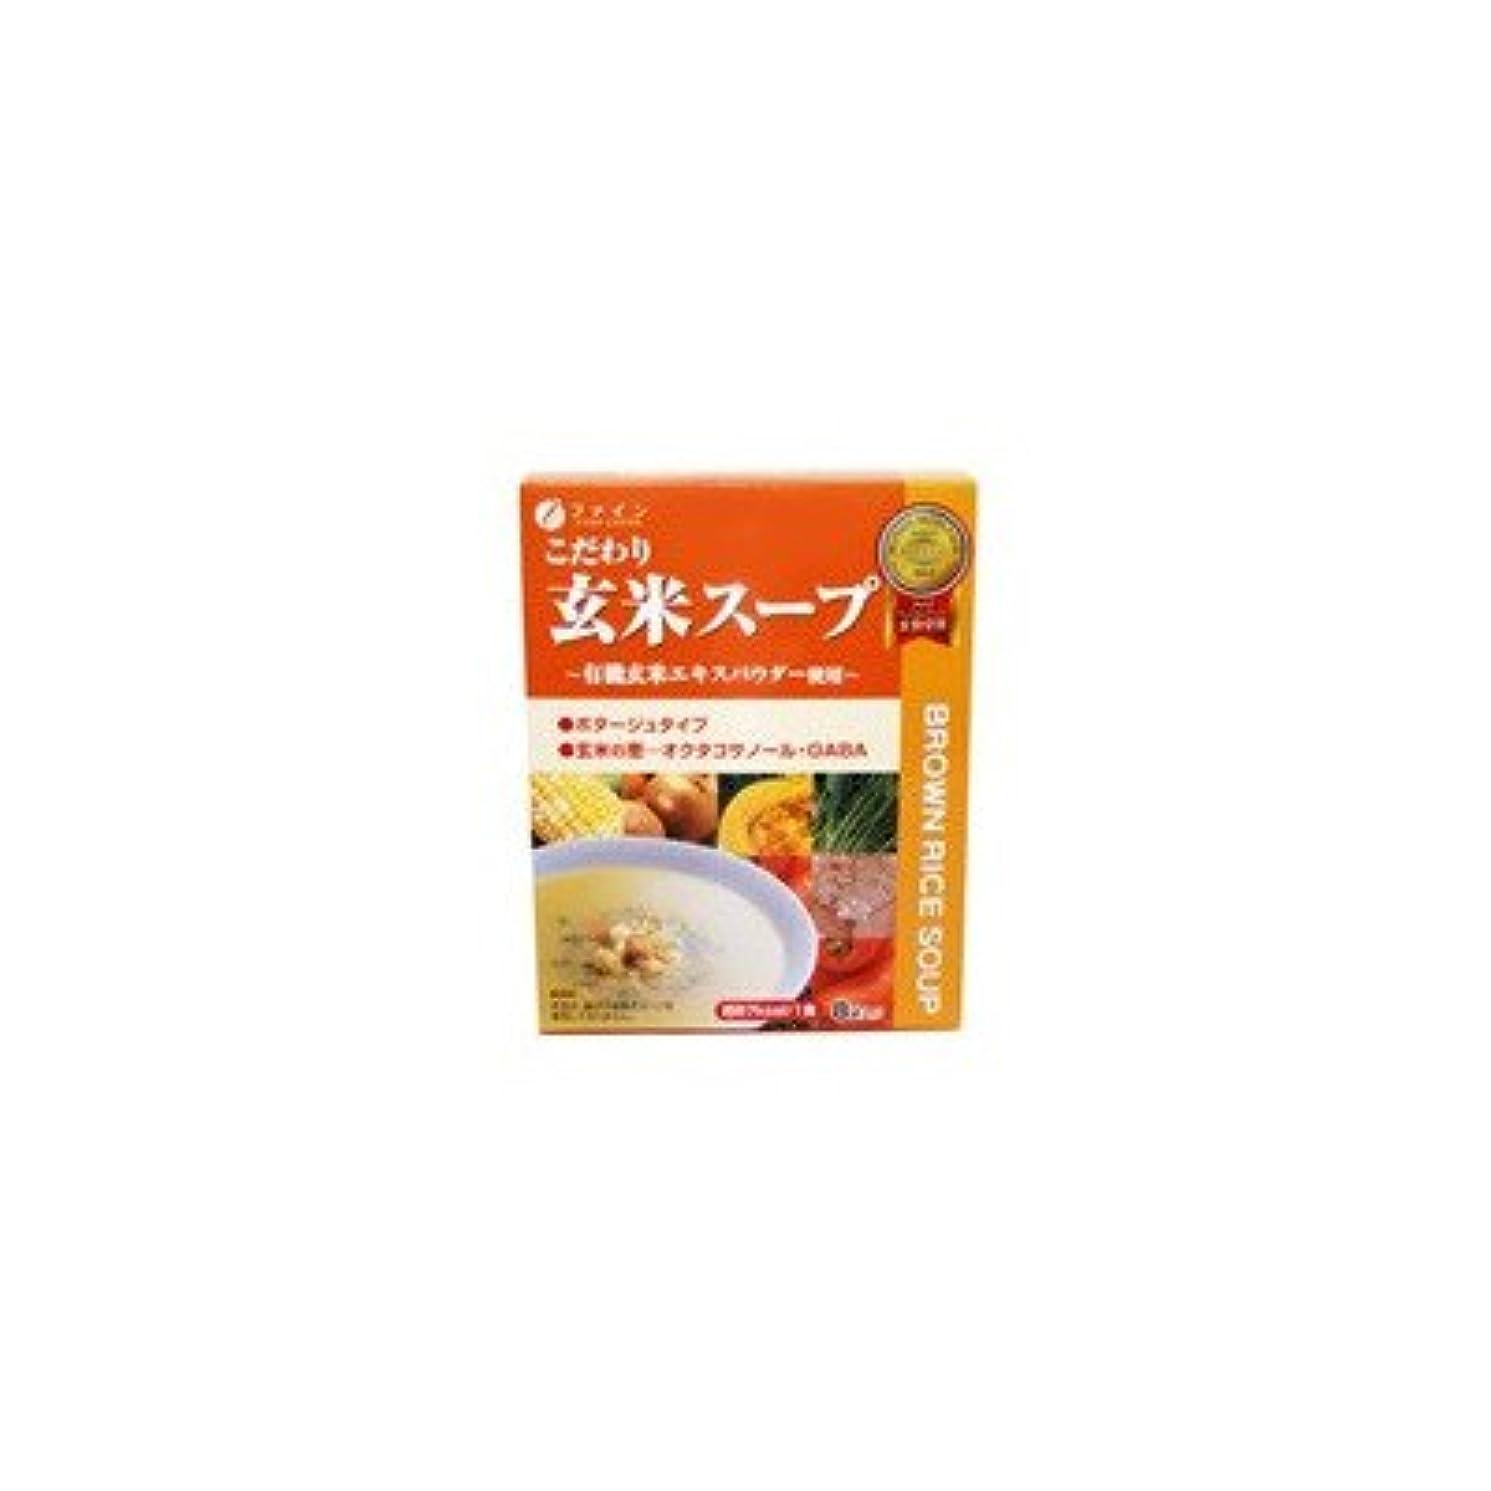 ストローク歌サンダーファイン 203399 こだわり玄米スープ(8食入り)